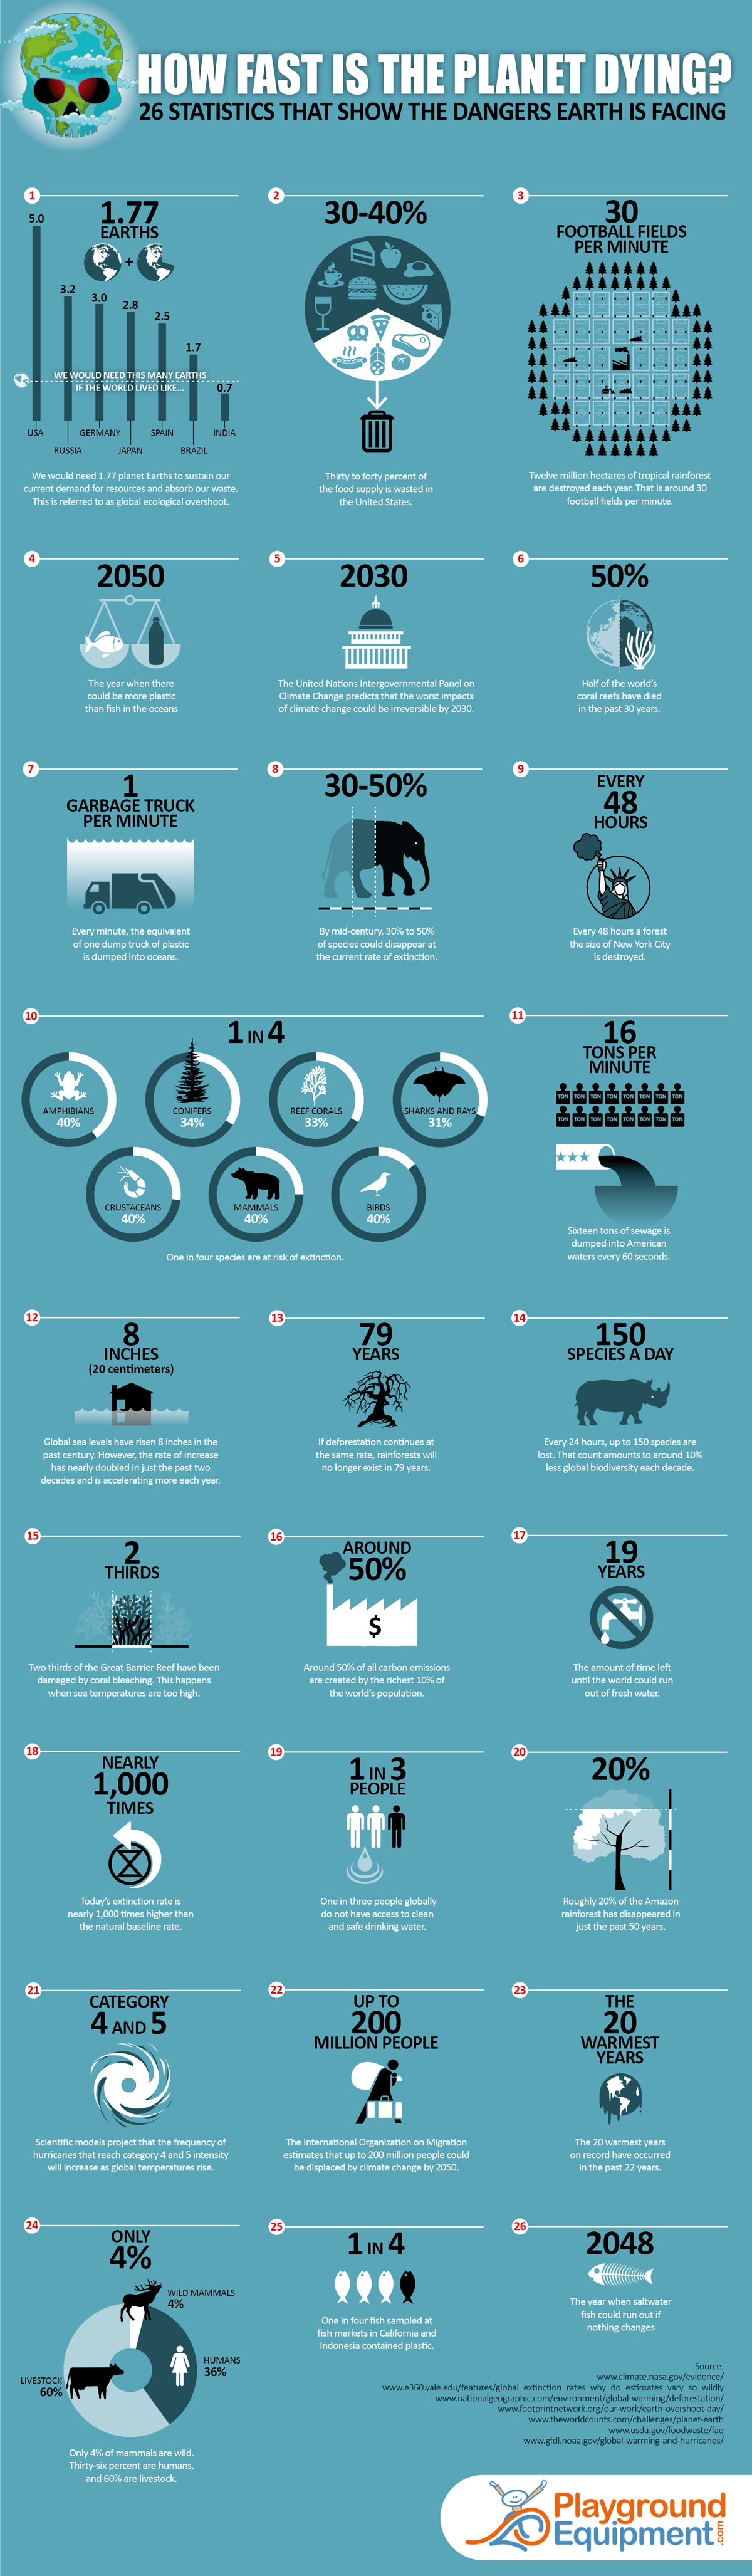 Jak rychle naše planeta umírá? 26 statistik ukazující blížící se nebezpečí planetě Zemi.